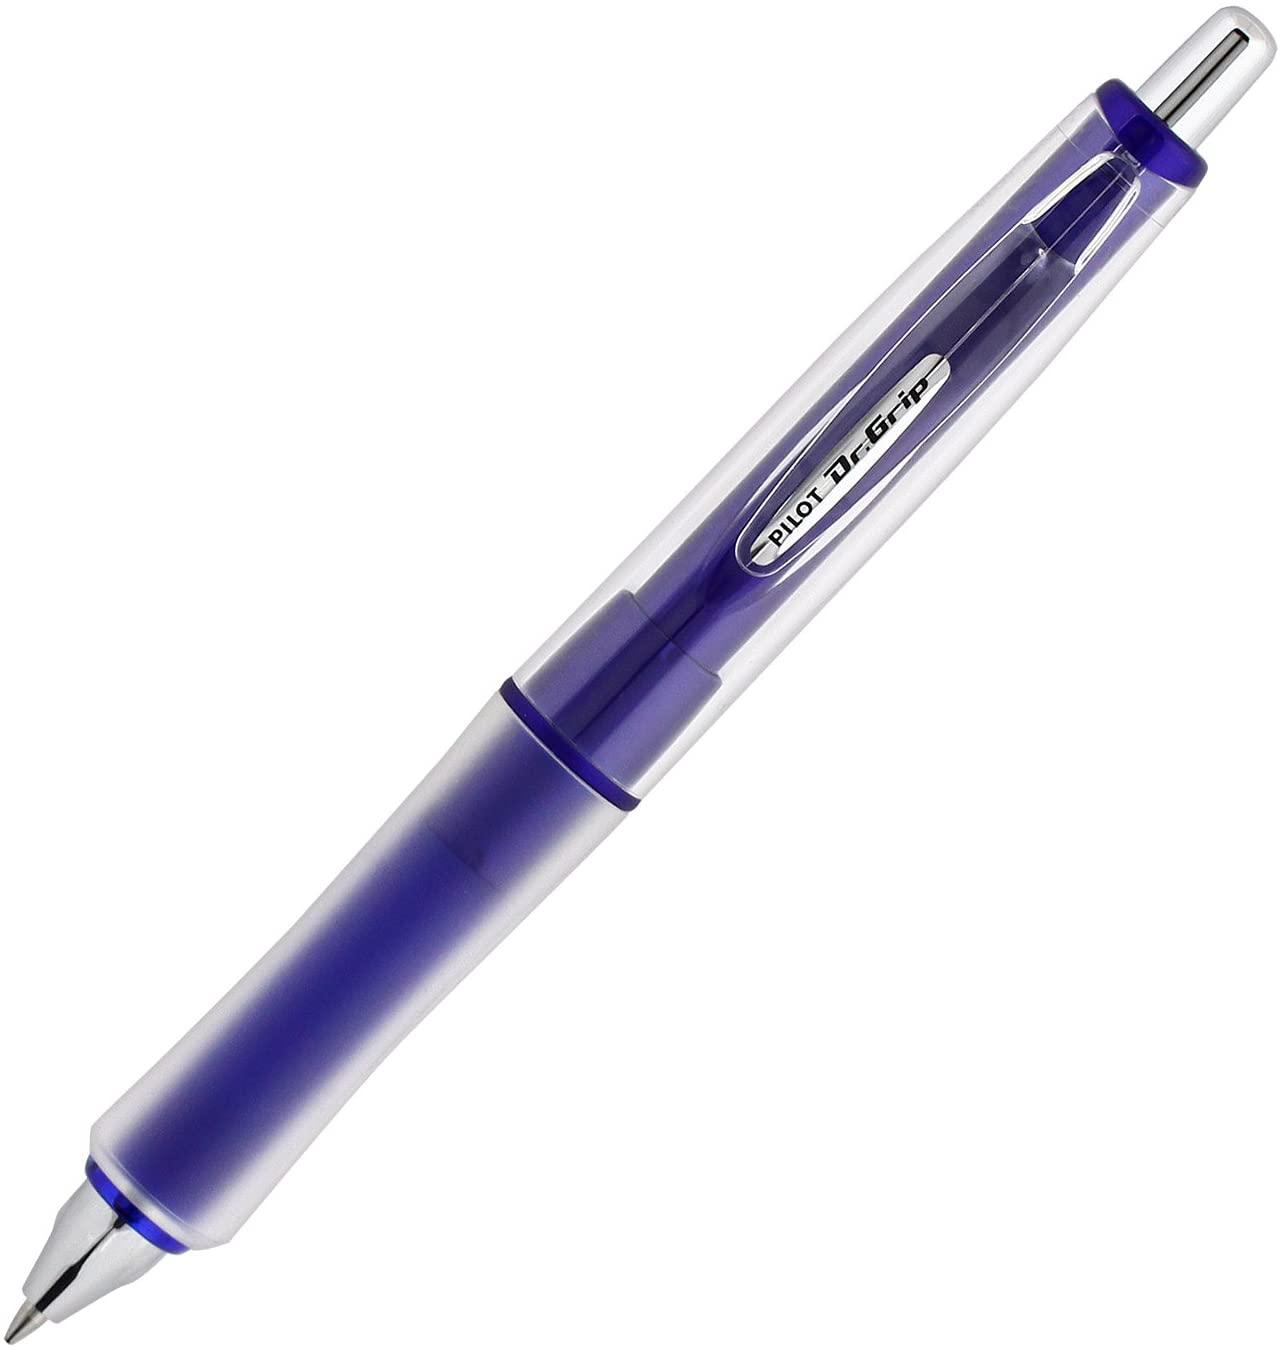 パイロット 油性ボールペン ドクターグリップ スーパーセール Gスペック 0.7 フラッシュブルー 35%OFF BDGS-60R-FL